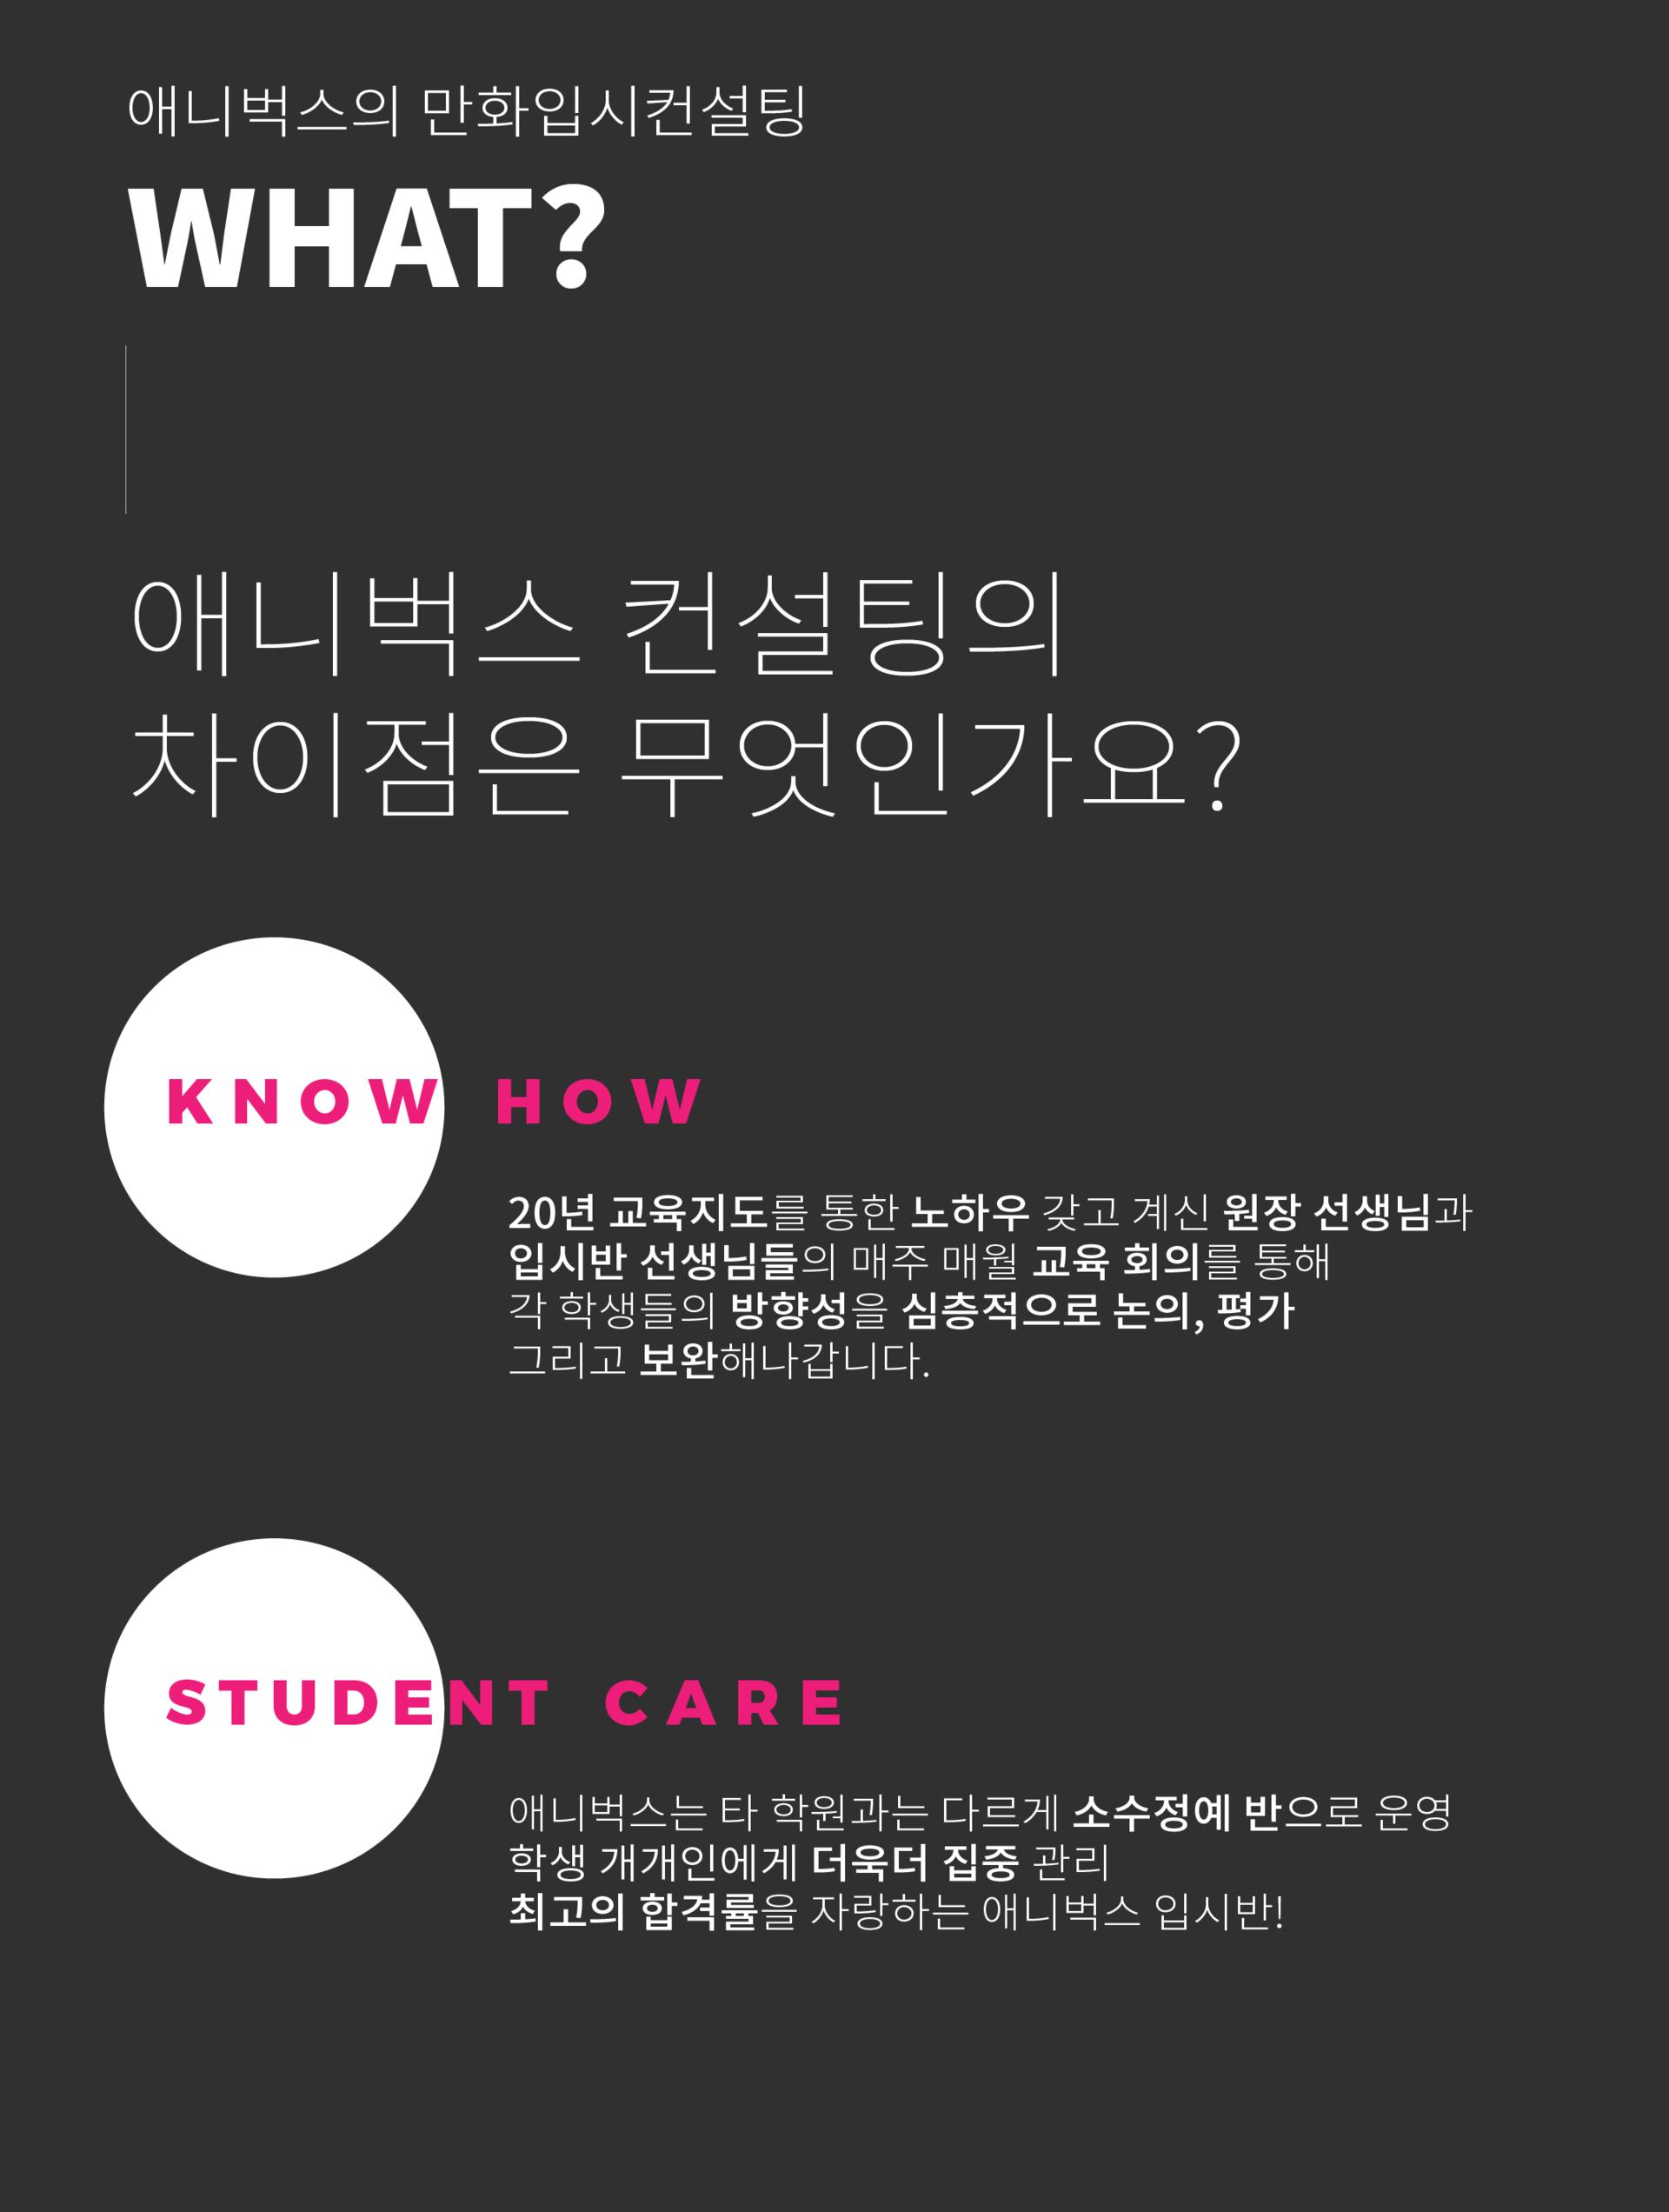 애니벅스 맞춤형 심층 컨설팅